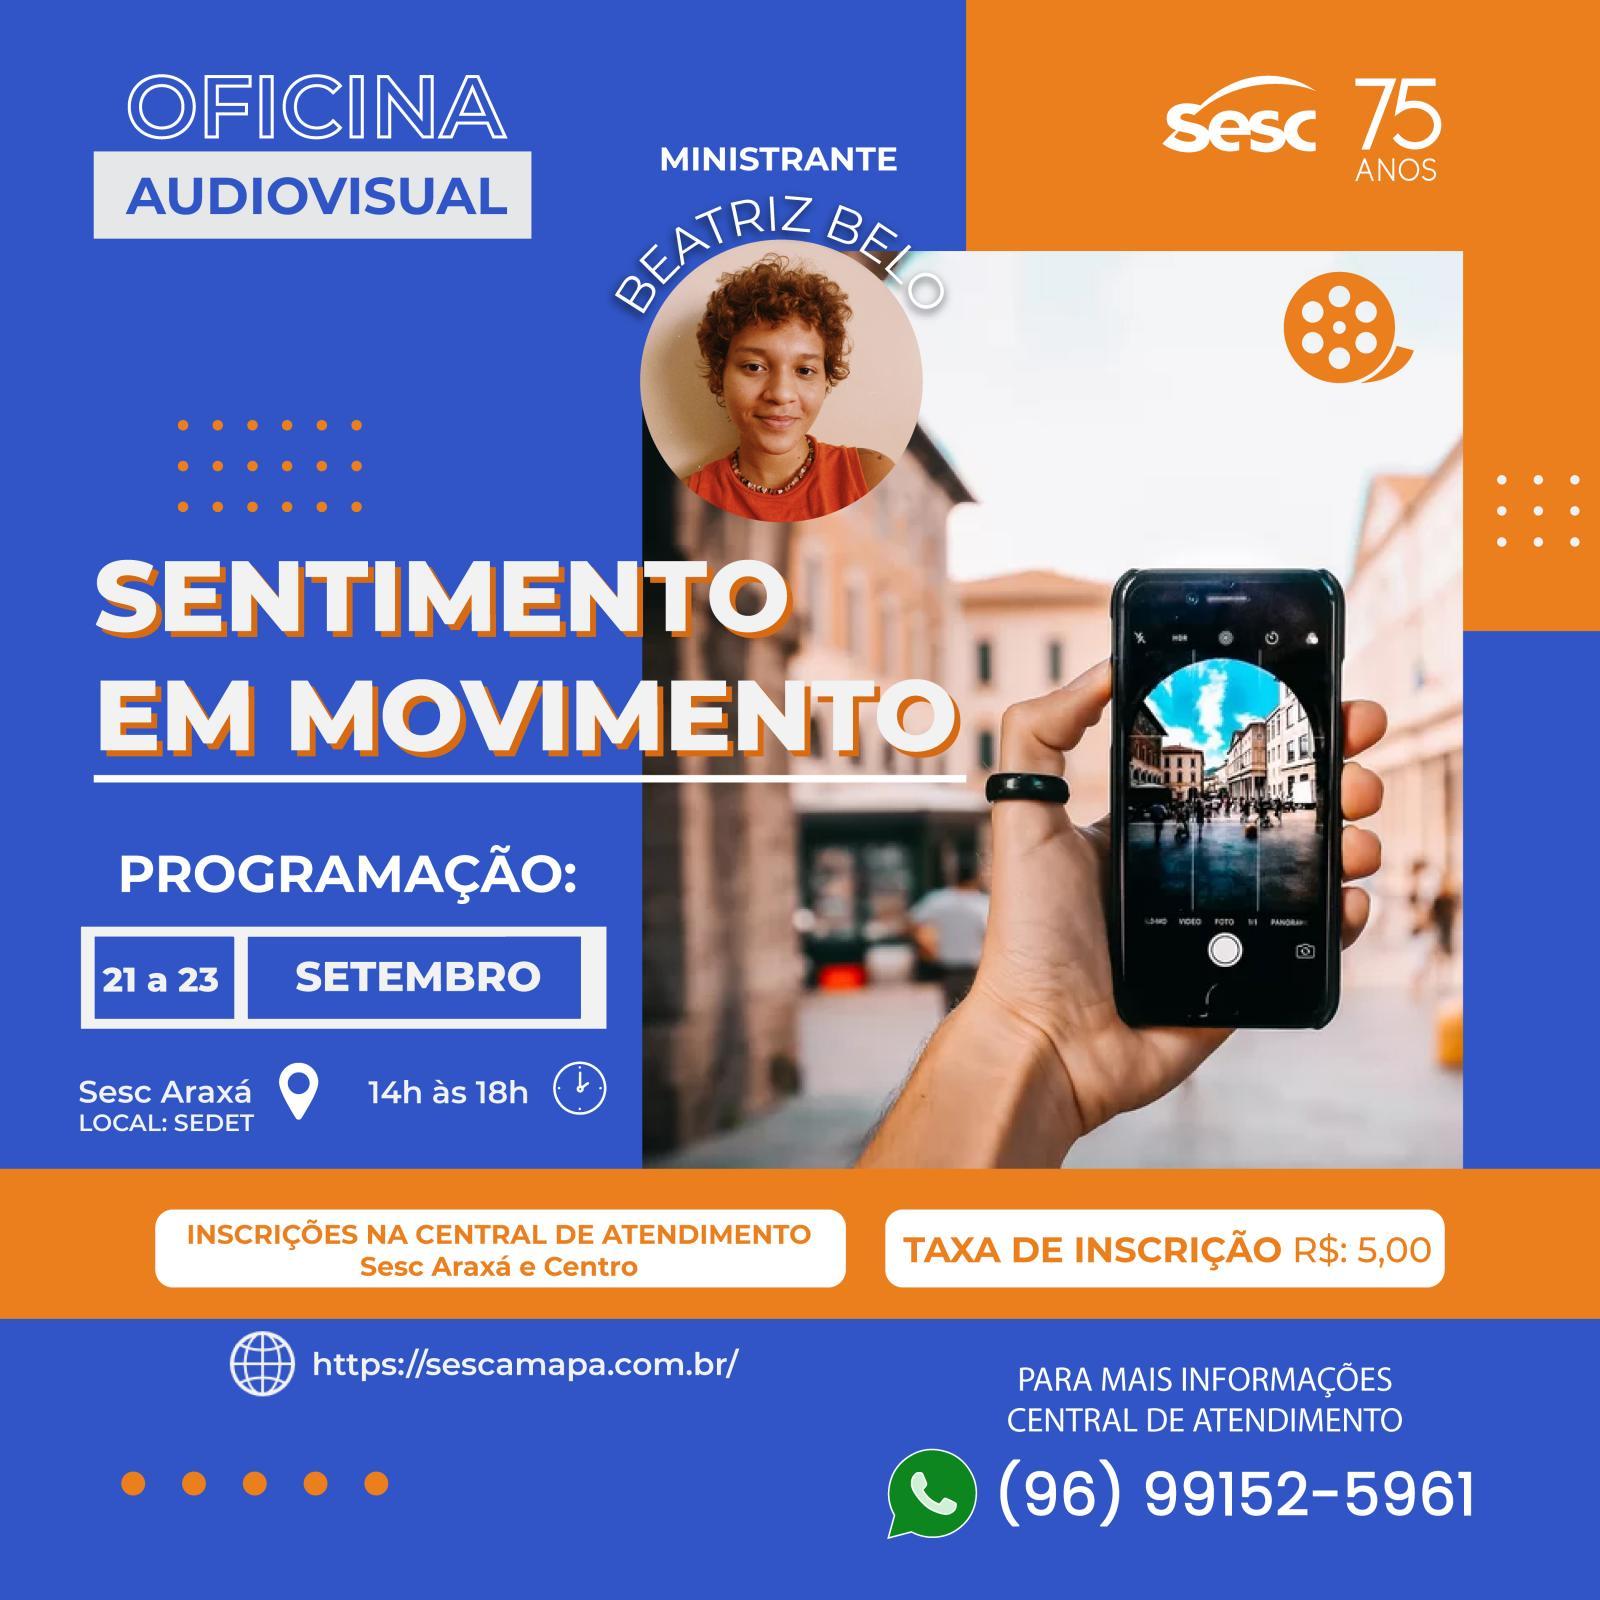 Sesc promove #Oficina de Produção Audiovisual com uso do celular